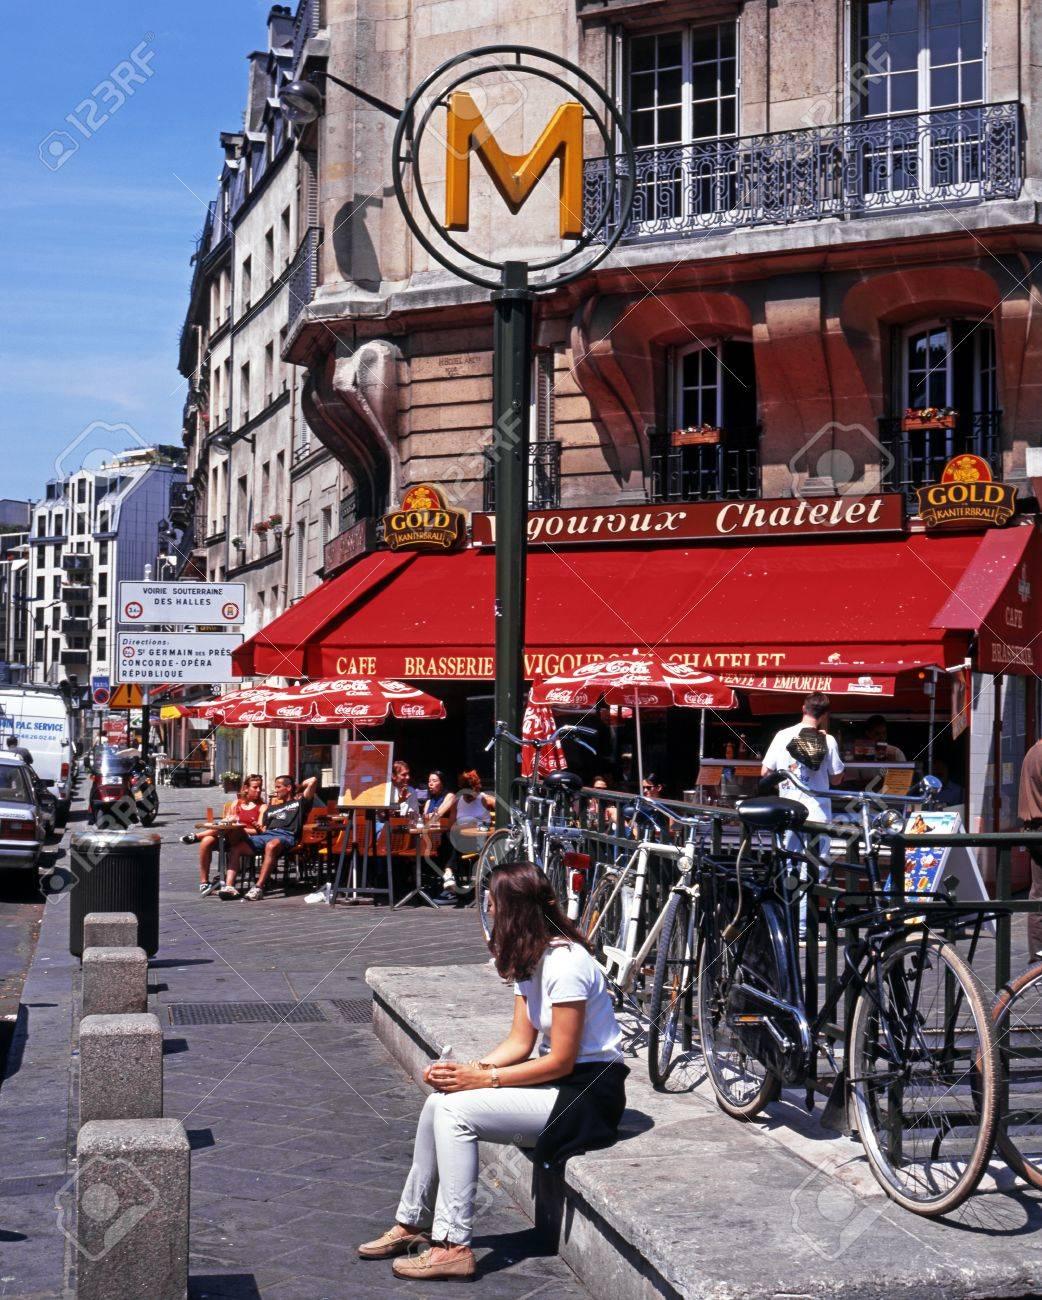 Joven Mujer Sentada Por Un Signo De Metro Con Terraza De Un Café En La Parte Trasera En El Centro De La Ciudad París Francia Europa Occidental